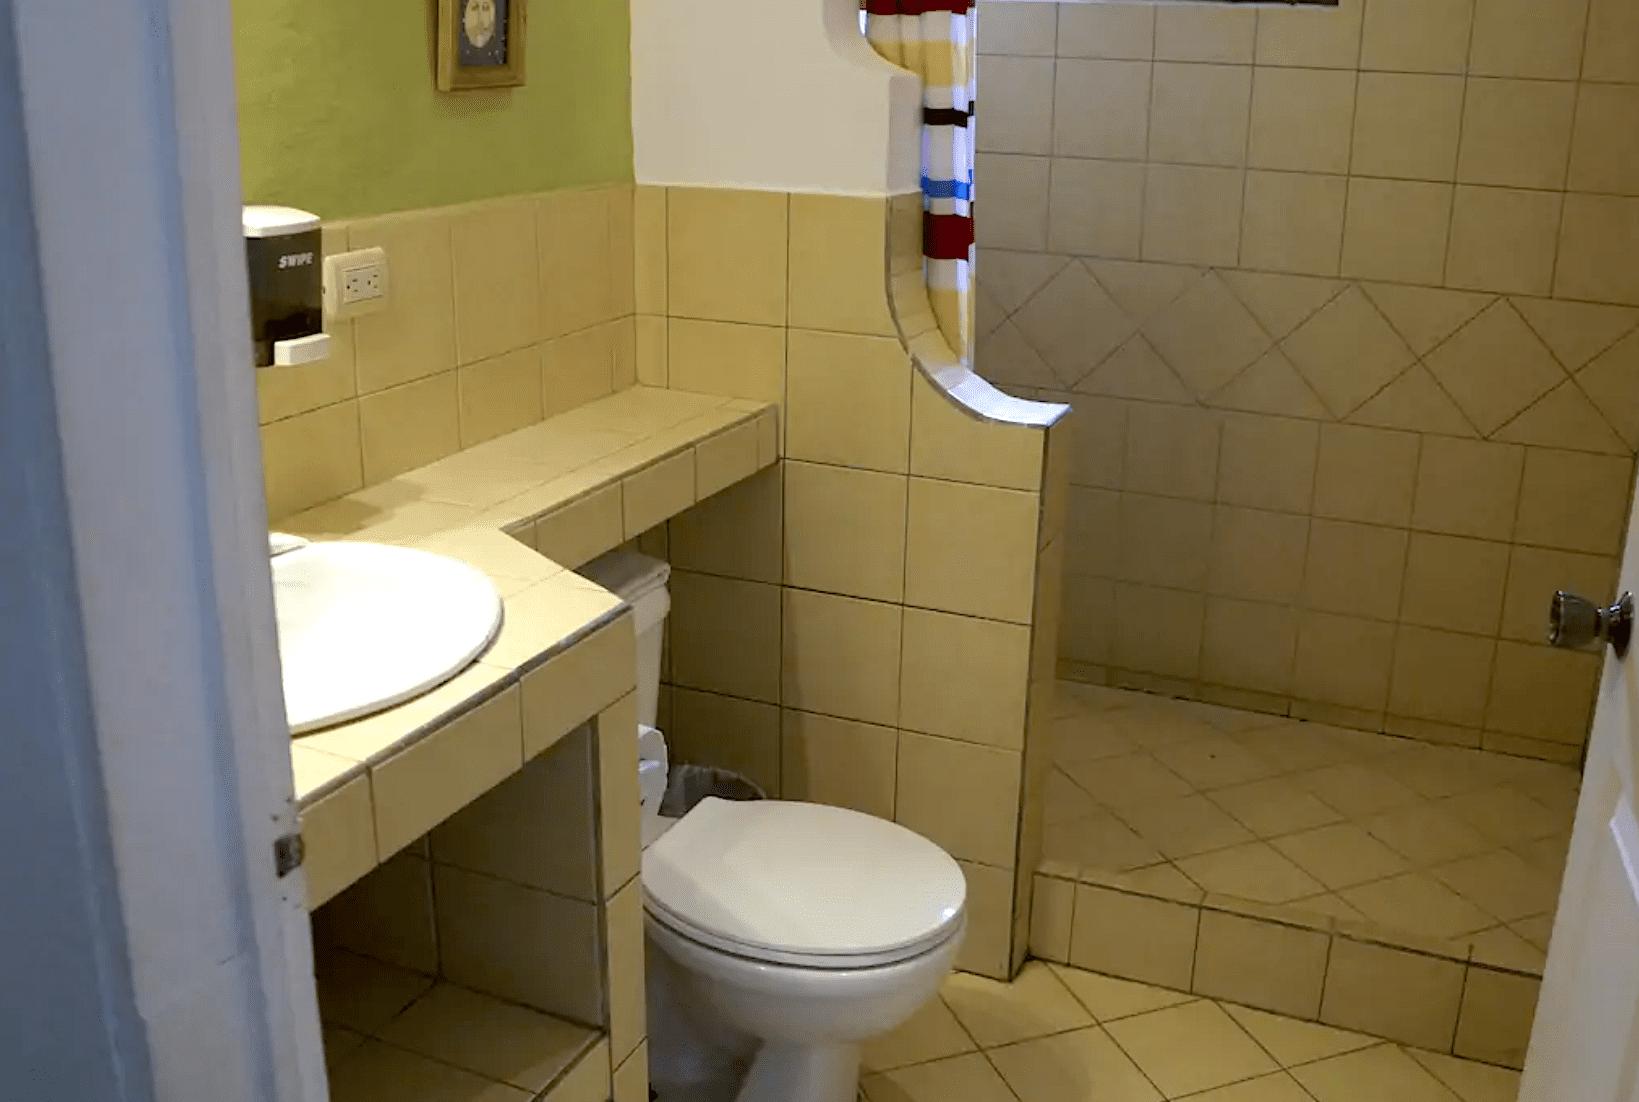 E14 - Bathroom